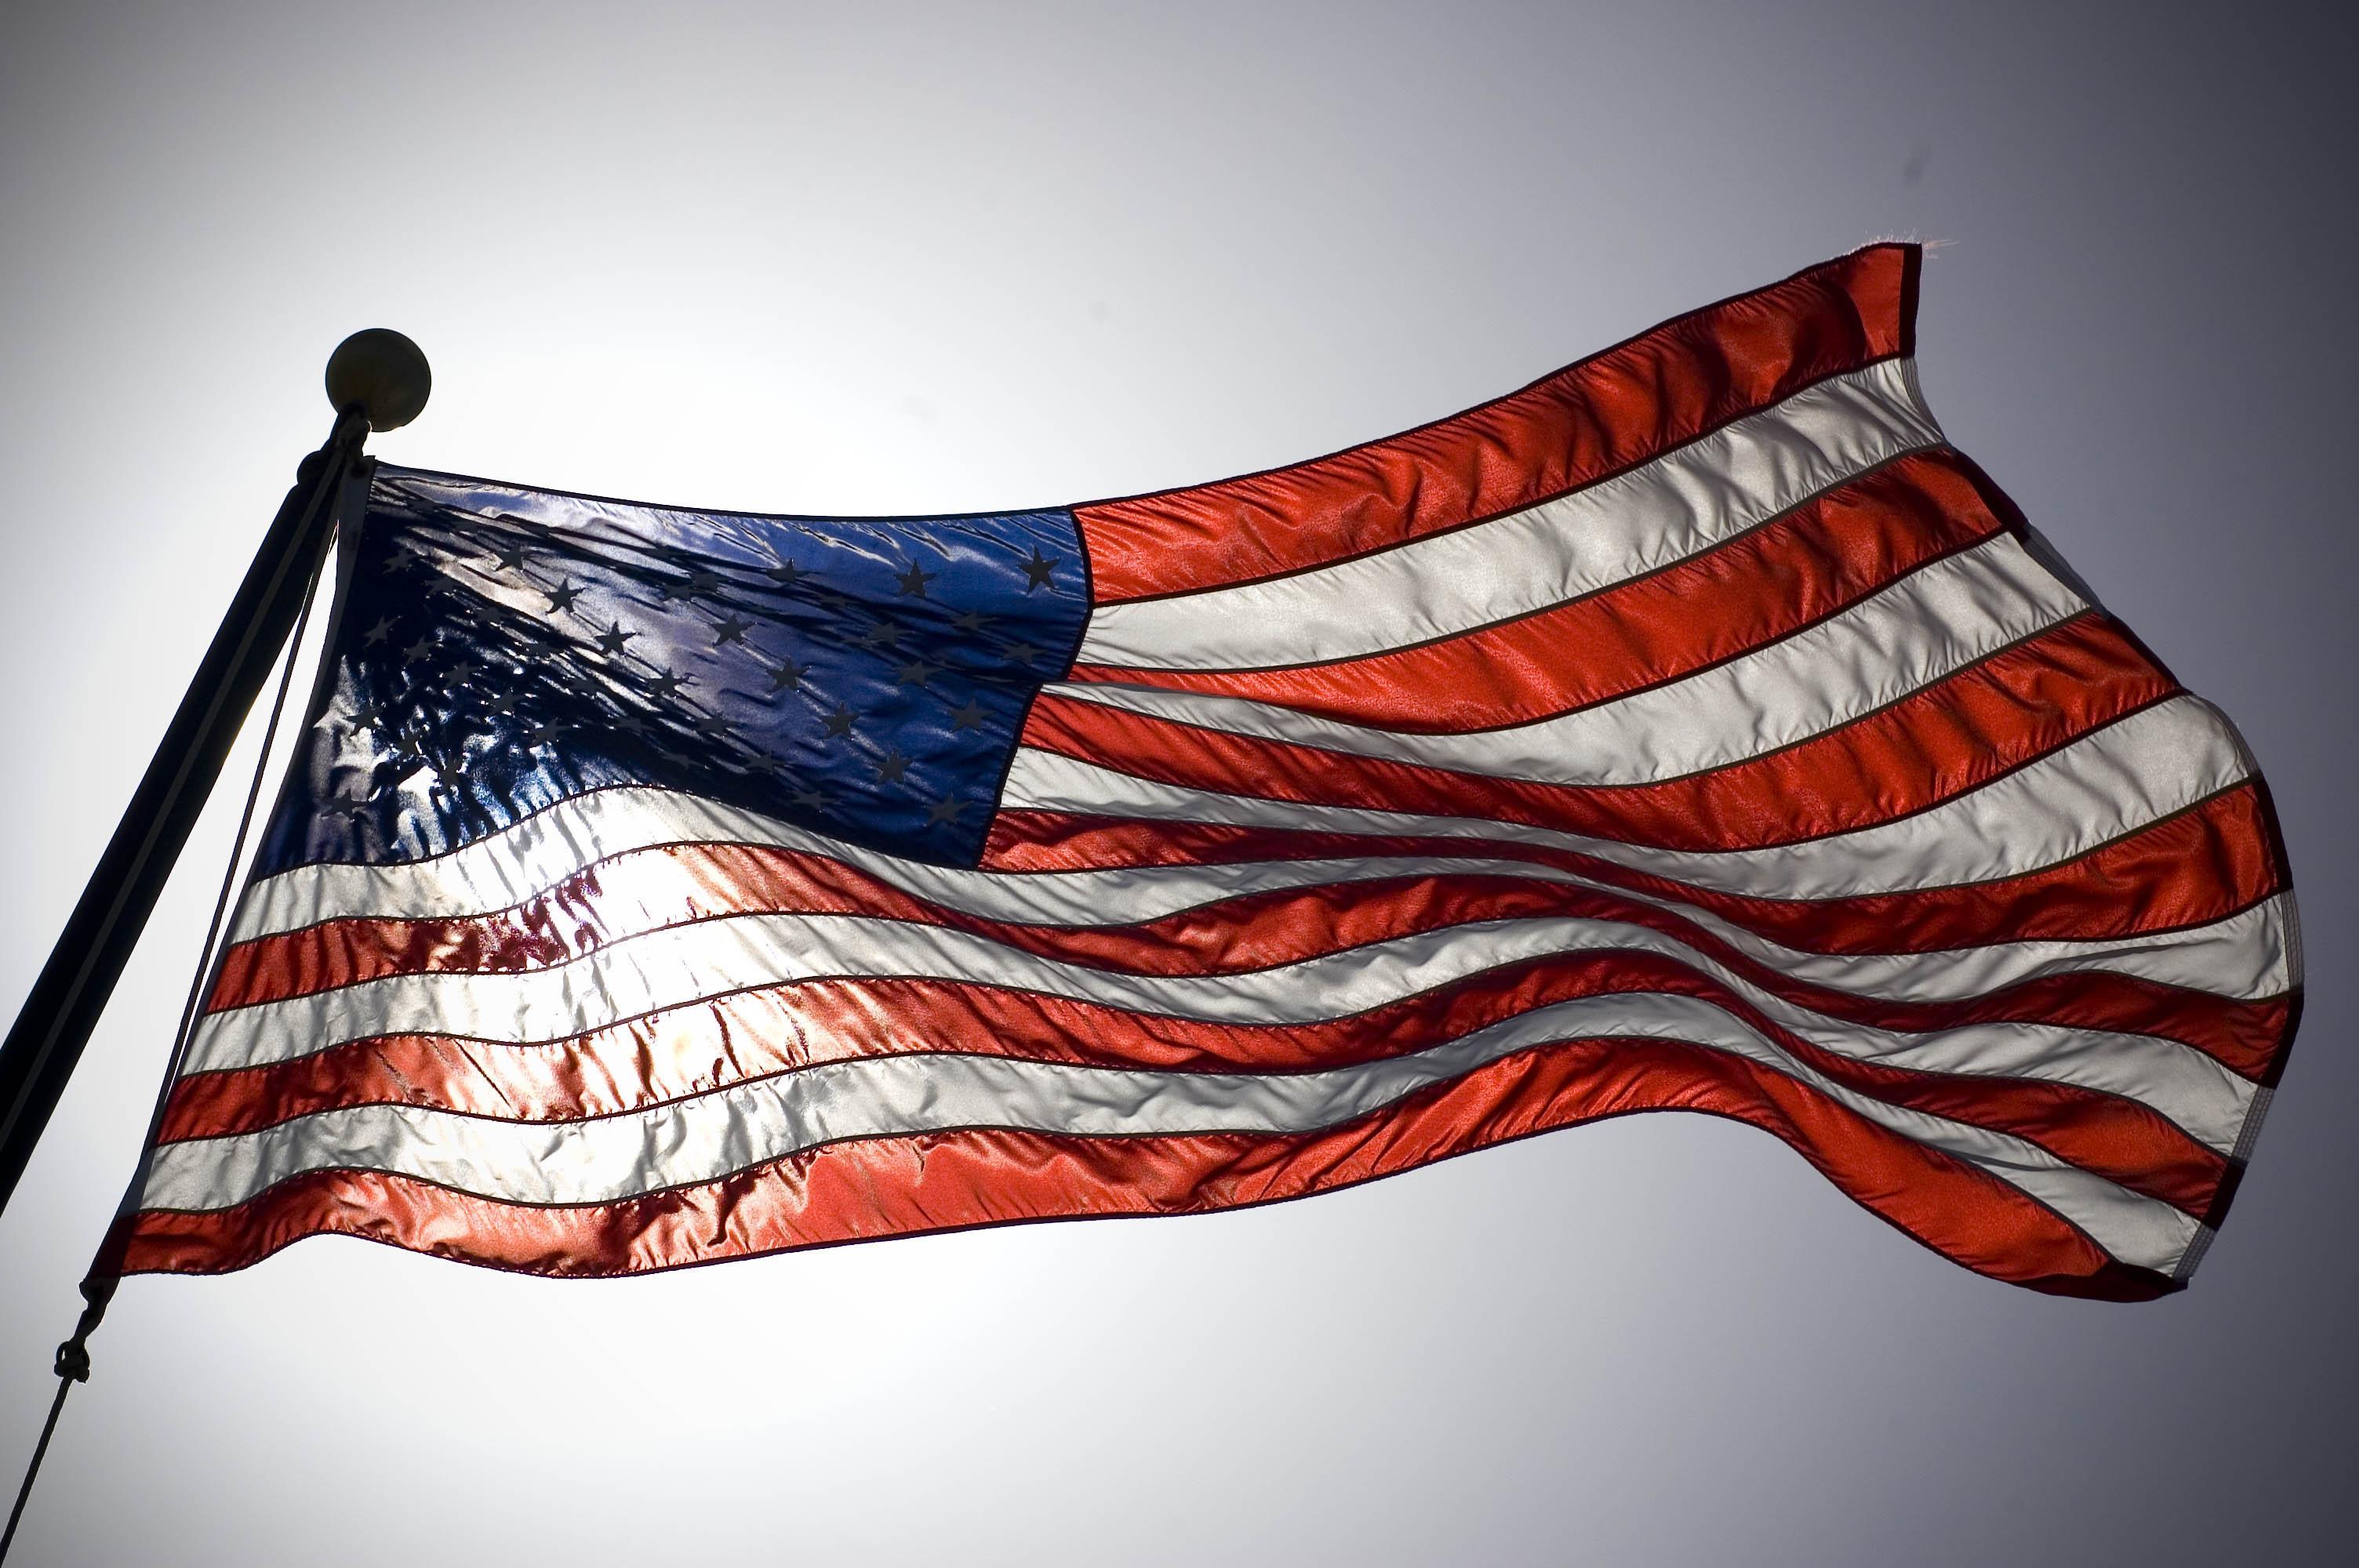 بالصور صور علم امريكا , مجموعة من الصور المختلفة لعلم دولة امريكا 912 6